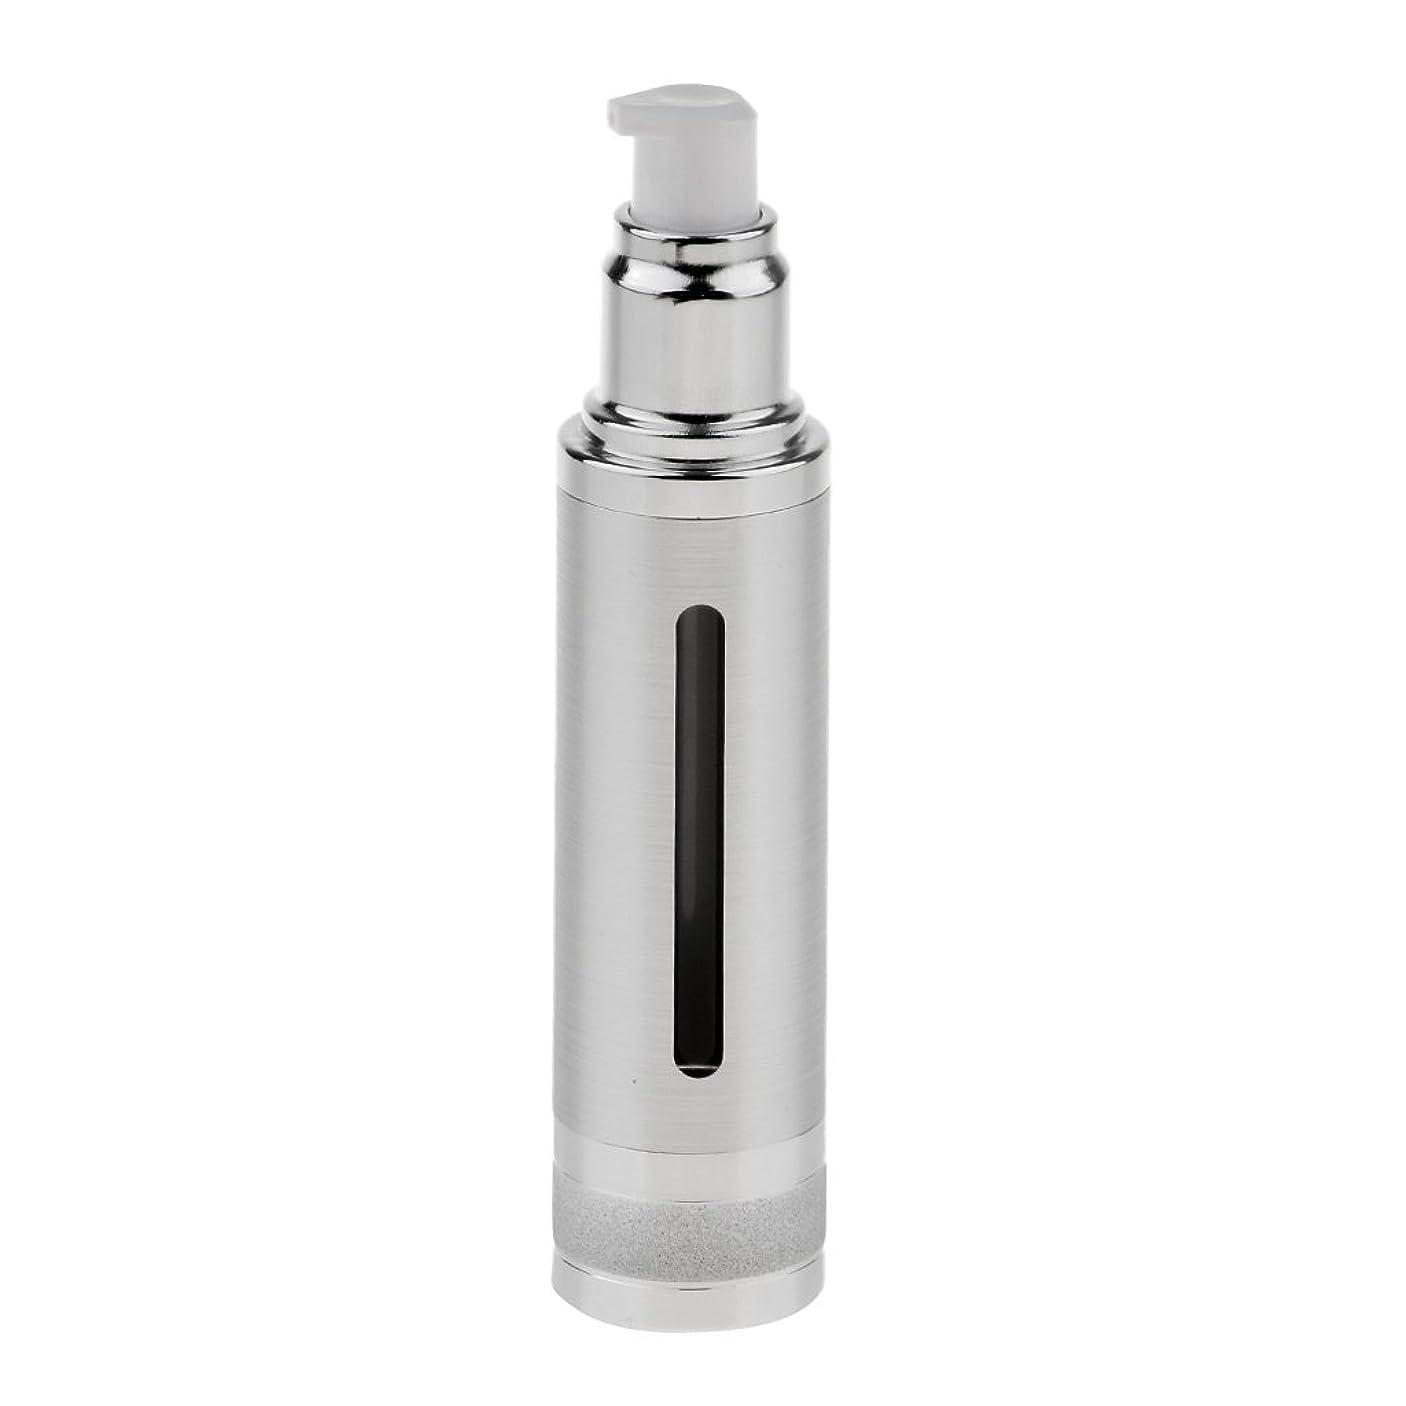 の間にごみ一定Sharplace エアレスボトル ポンプボトル 空ボトル 香水ボトル オイル DIY 詰替え 50ml 全2色 - 銀